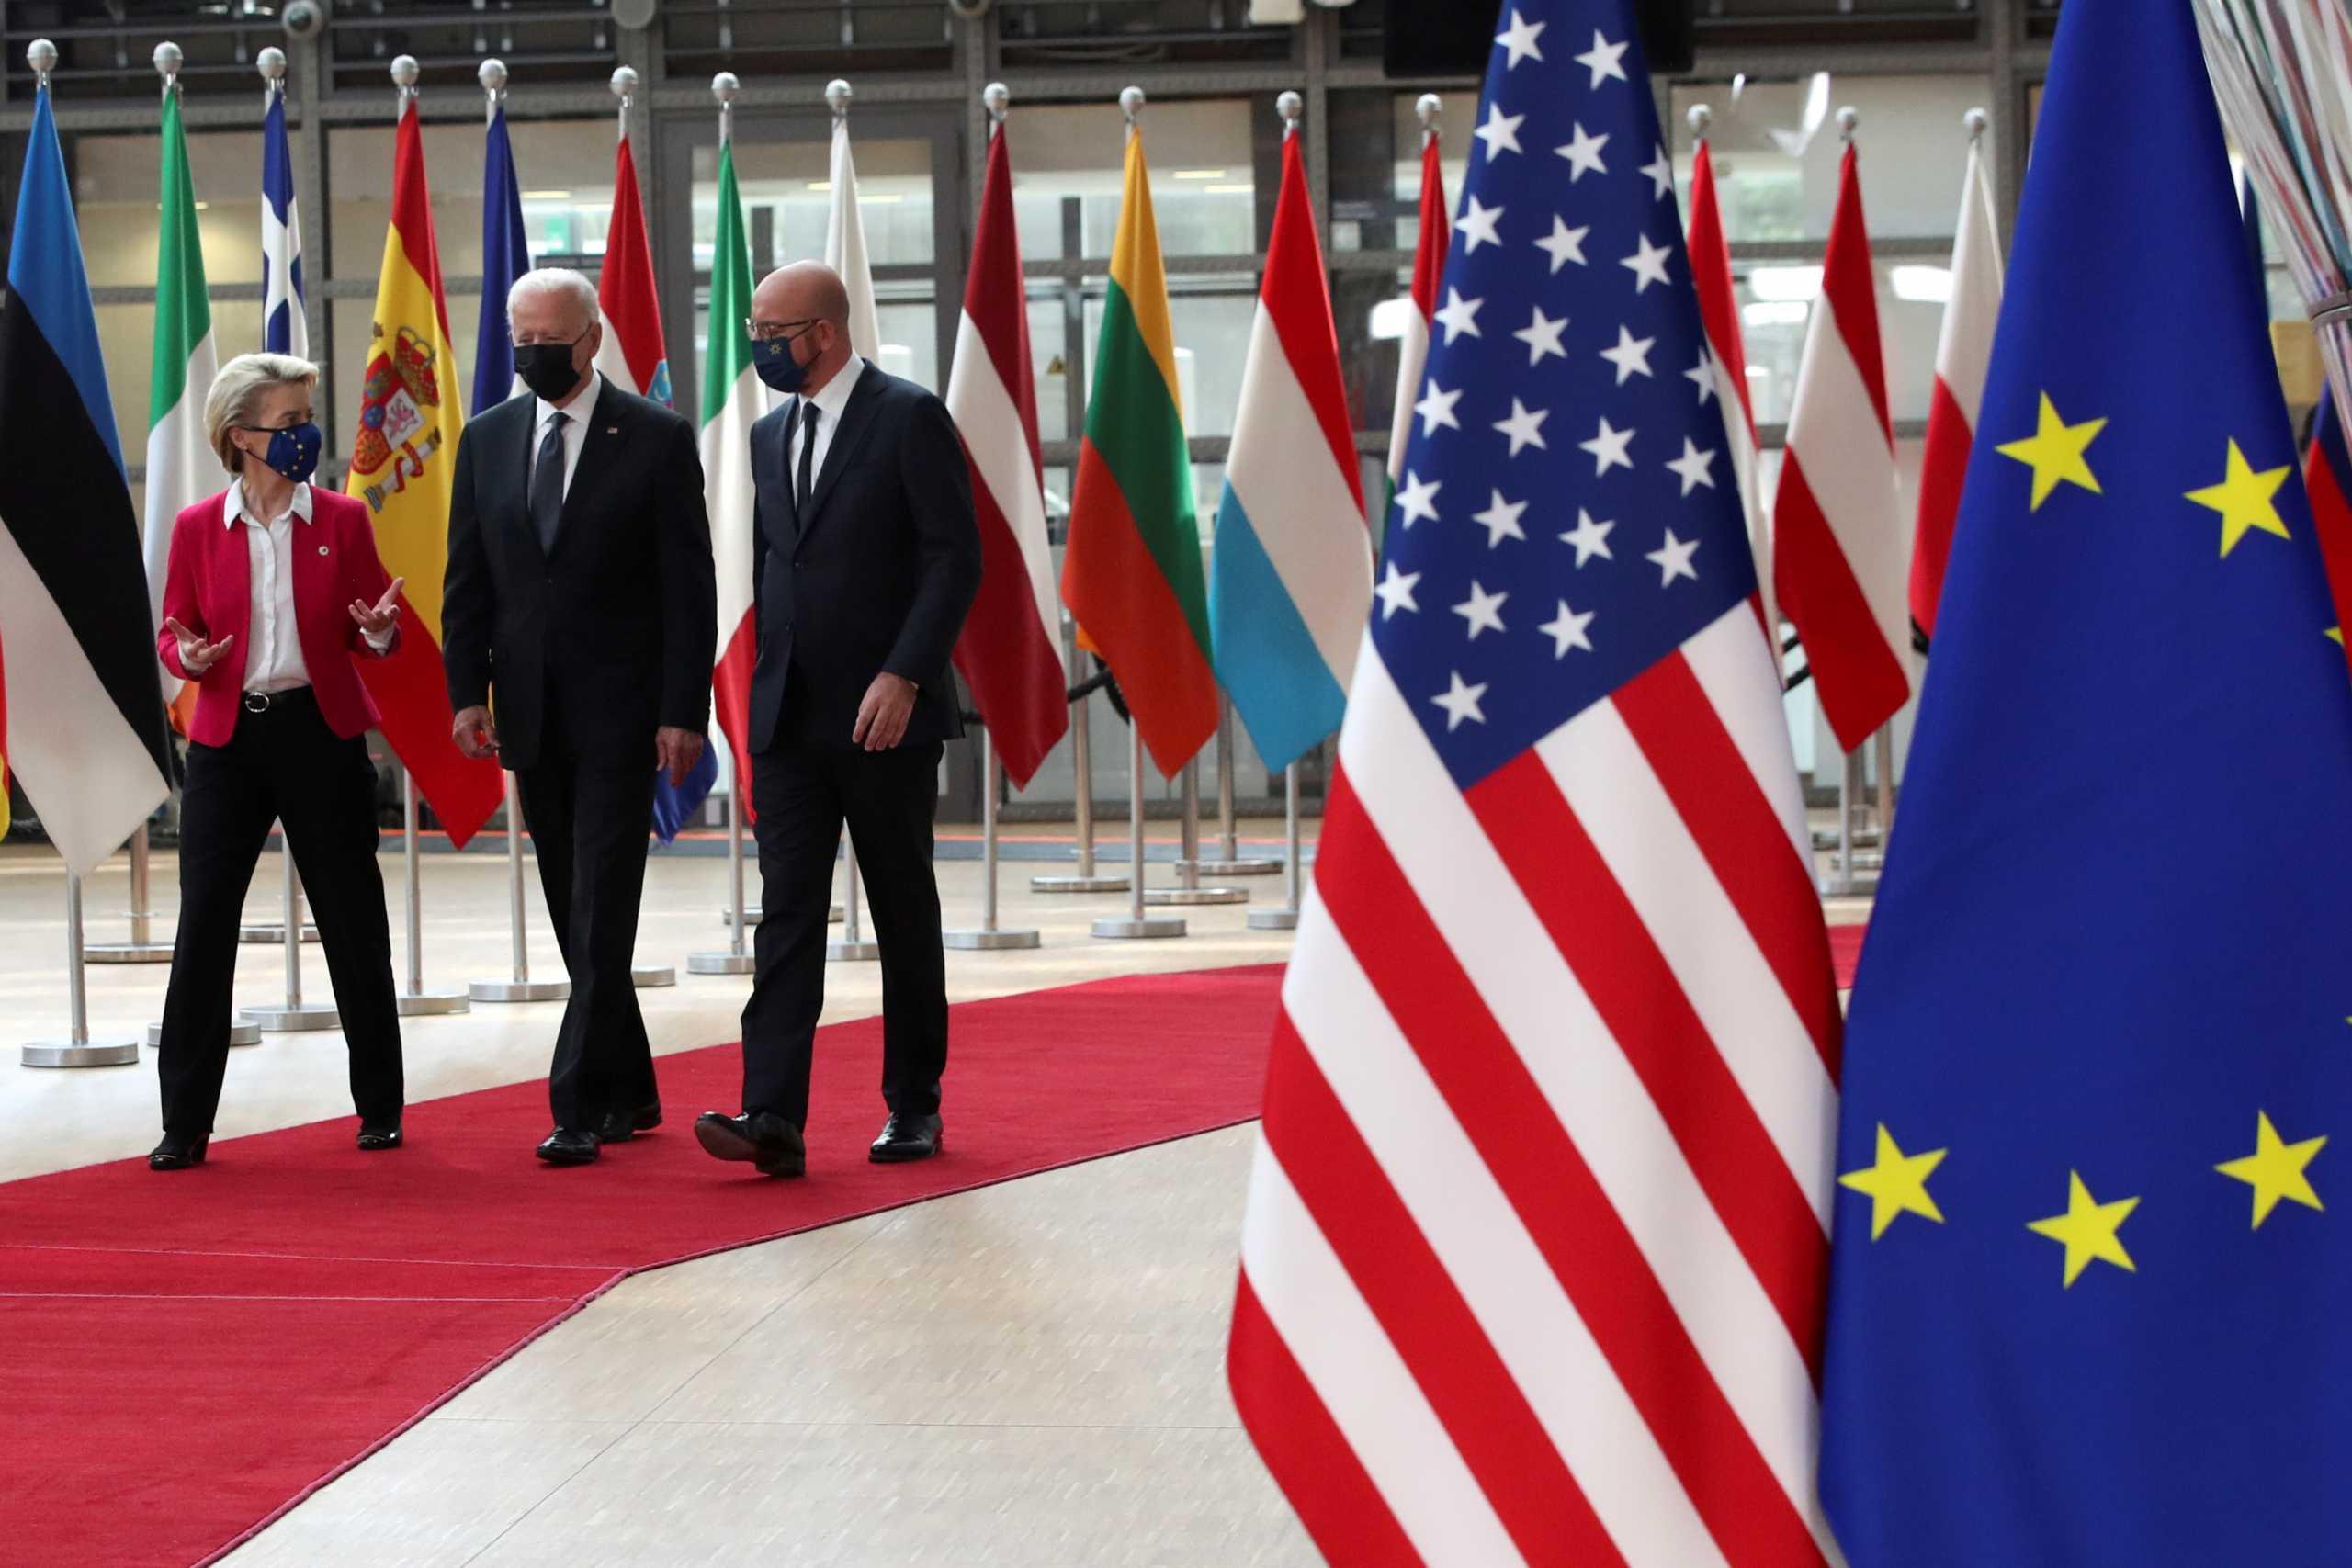 Μπάιντεν σε Φον Ντερ Λάιεν: Ζήτησε πιο «δίκαιο» διεθνές φορολογικό σύστημα